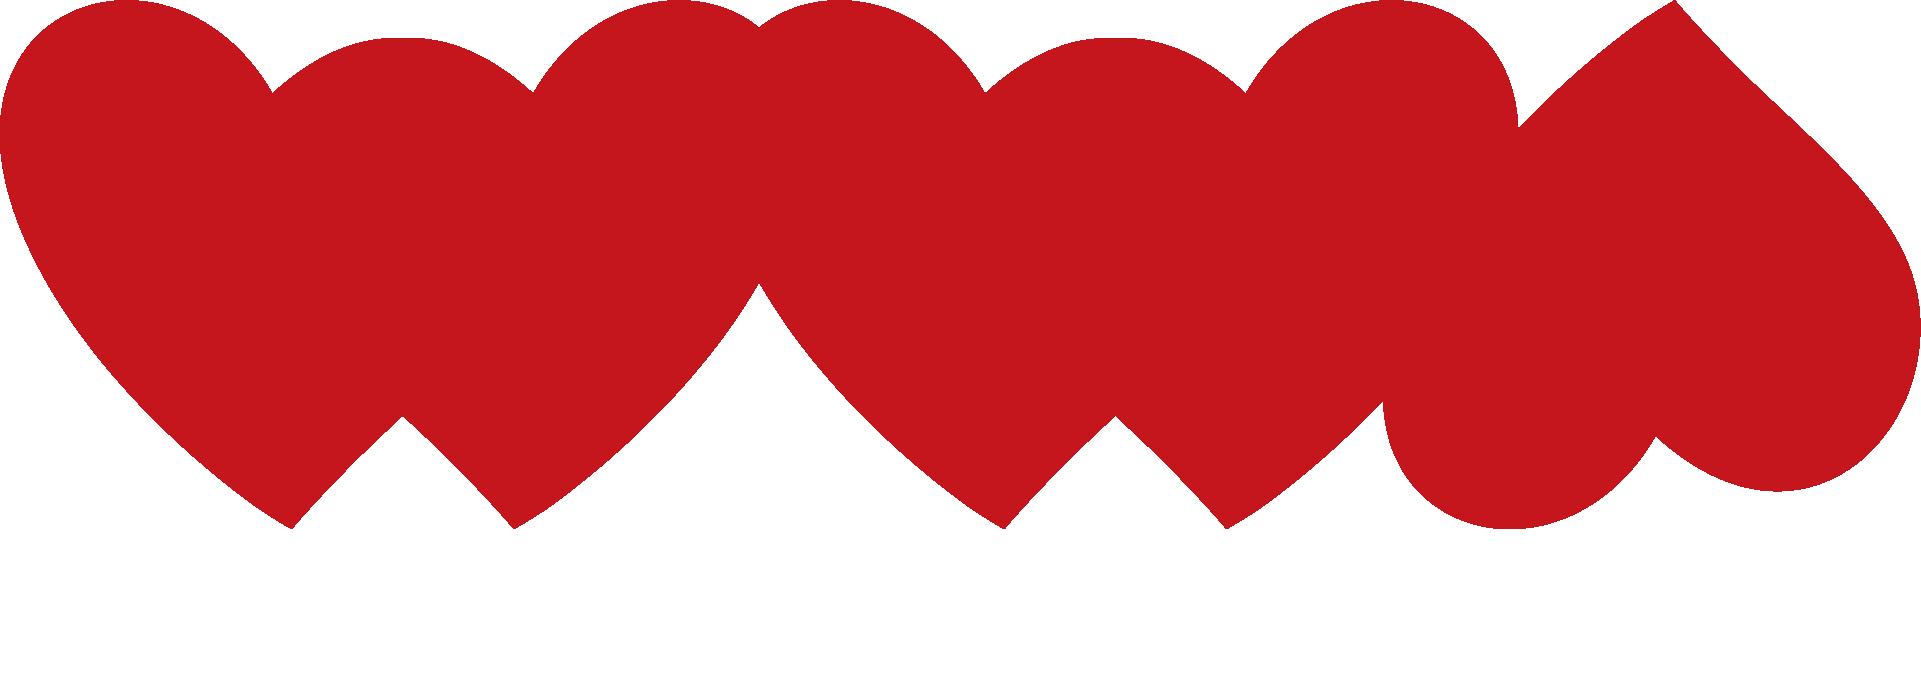 I Walk With Anthony